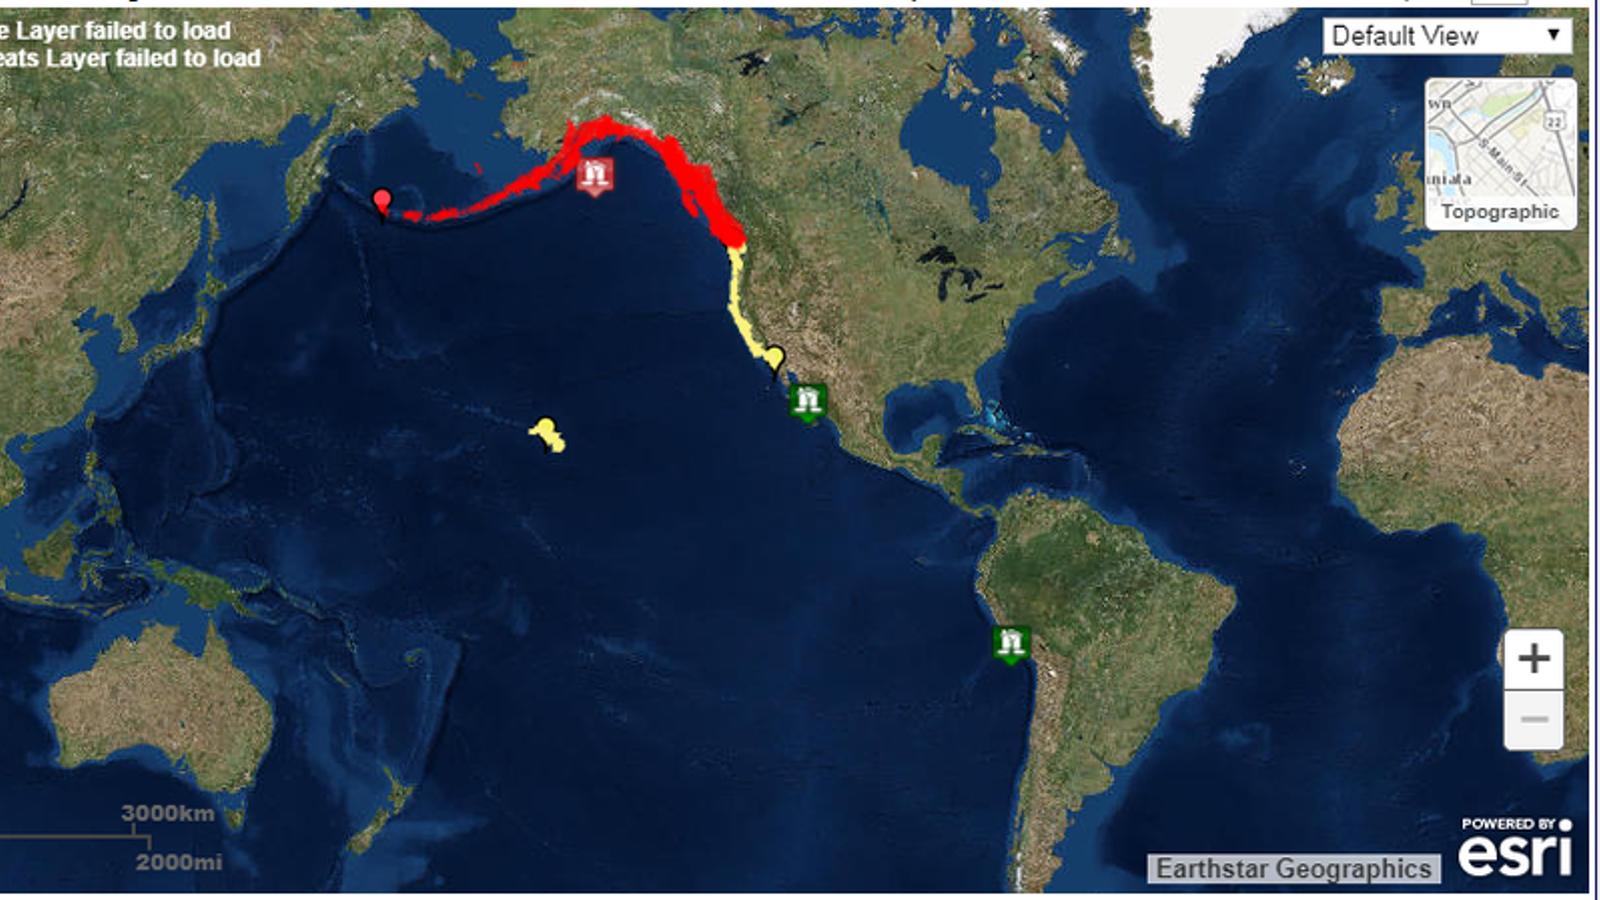 El tsunami podria impactar la costa canadenca i nord-americana del Pacífic